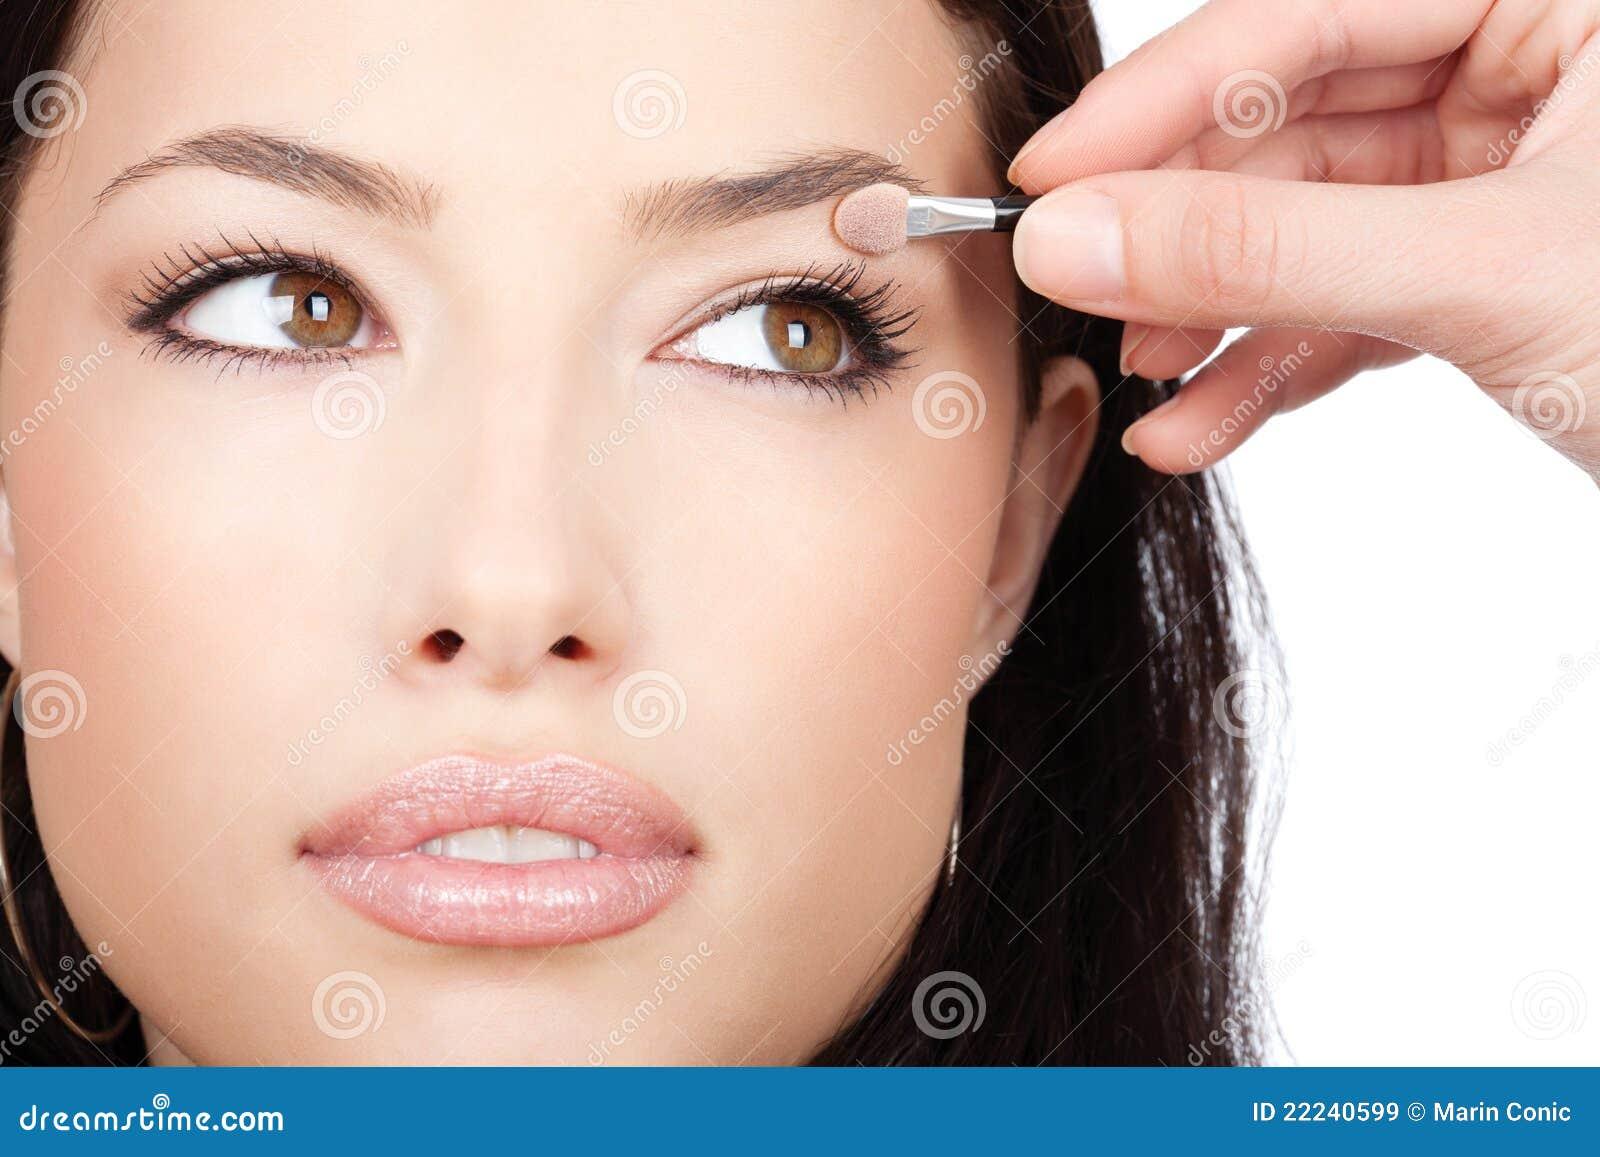 Hübsches Mädchen empfängt Augenschminke vom Verfassungskünstler